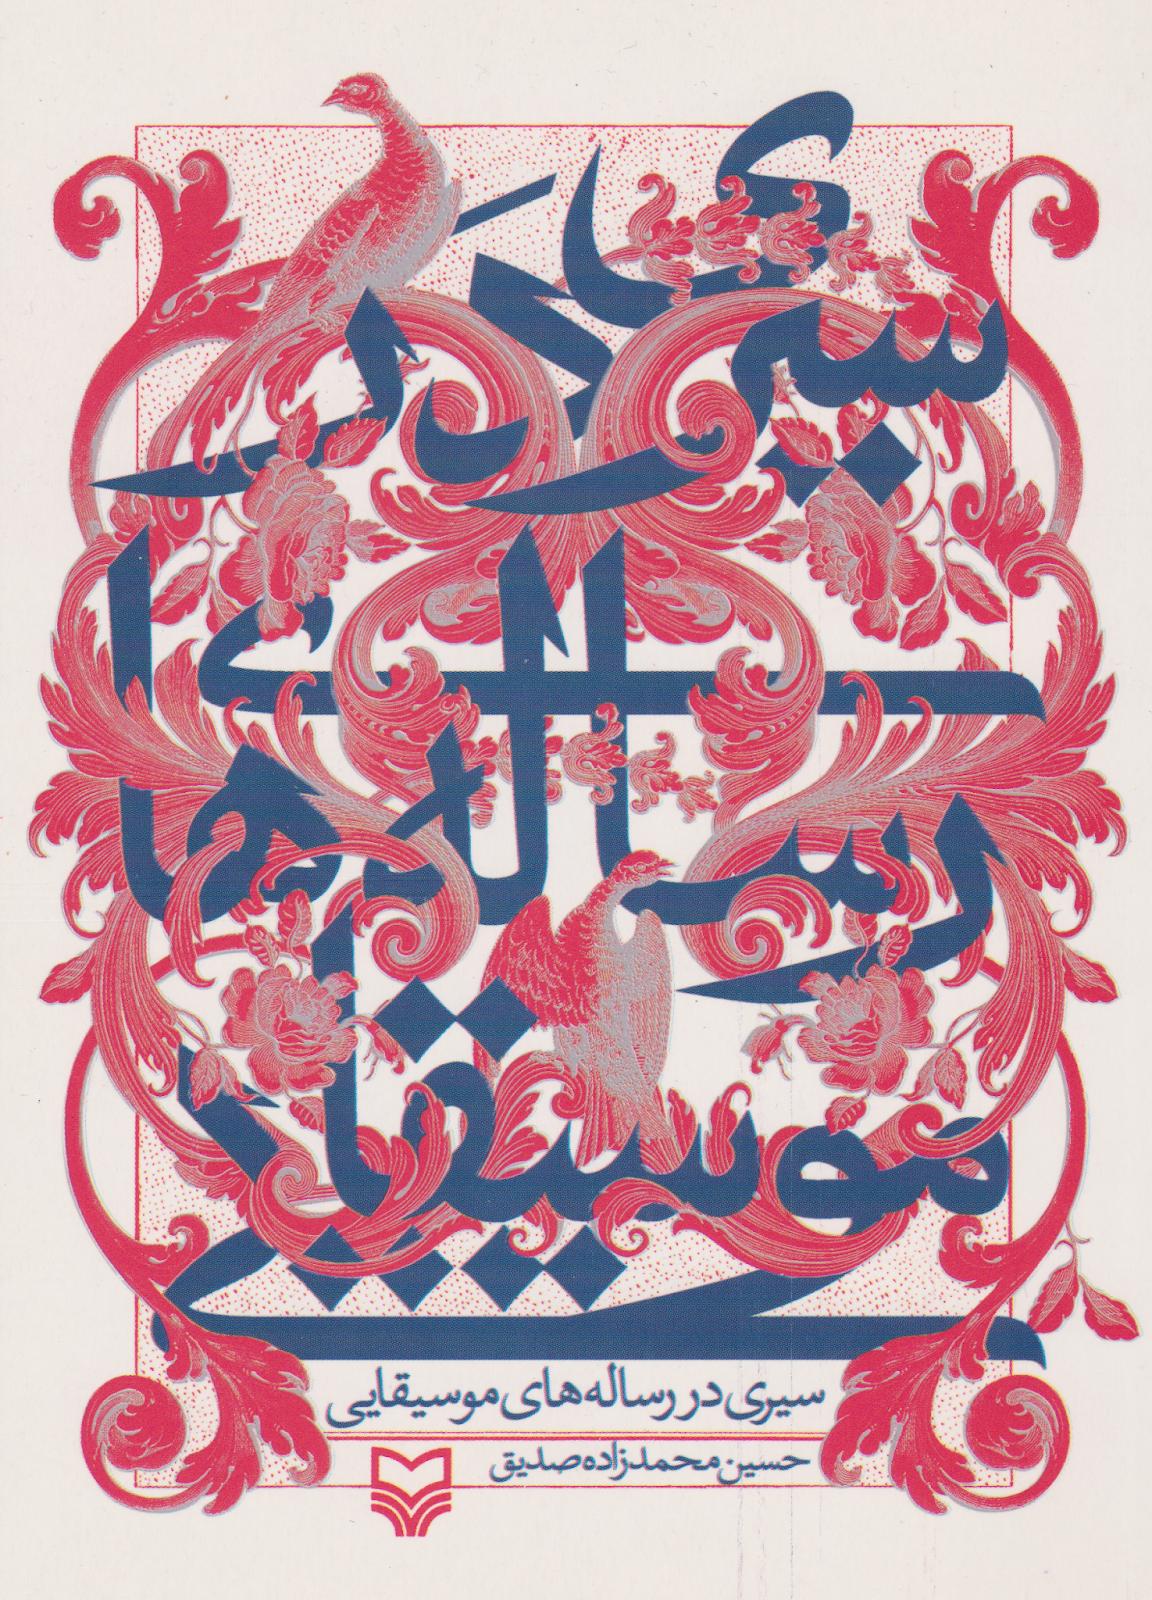 کتاب سیری در رسالههای موسیقایی حسین محمدزاده صدیق انتشارات سوره مهر